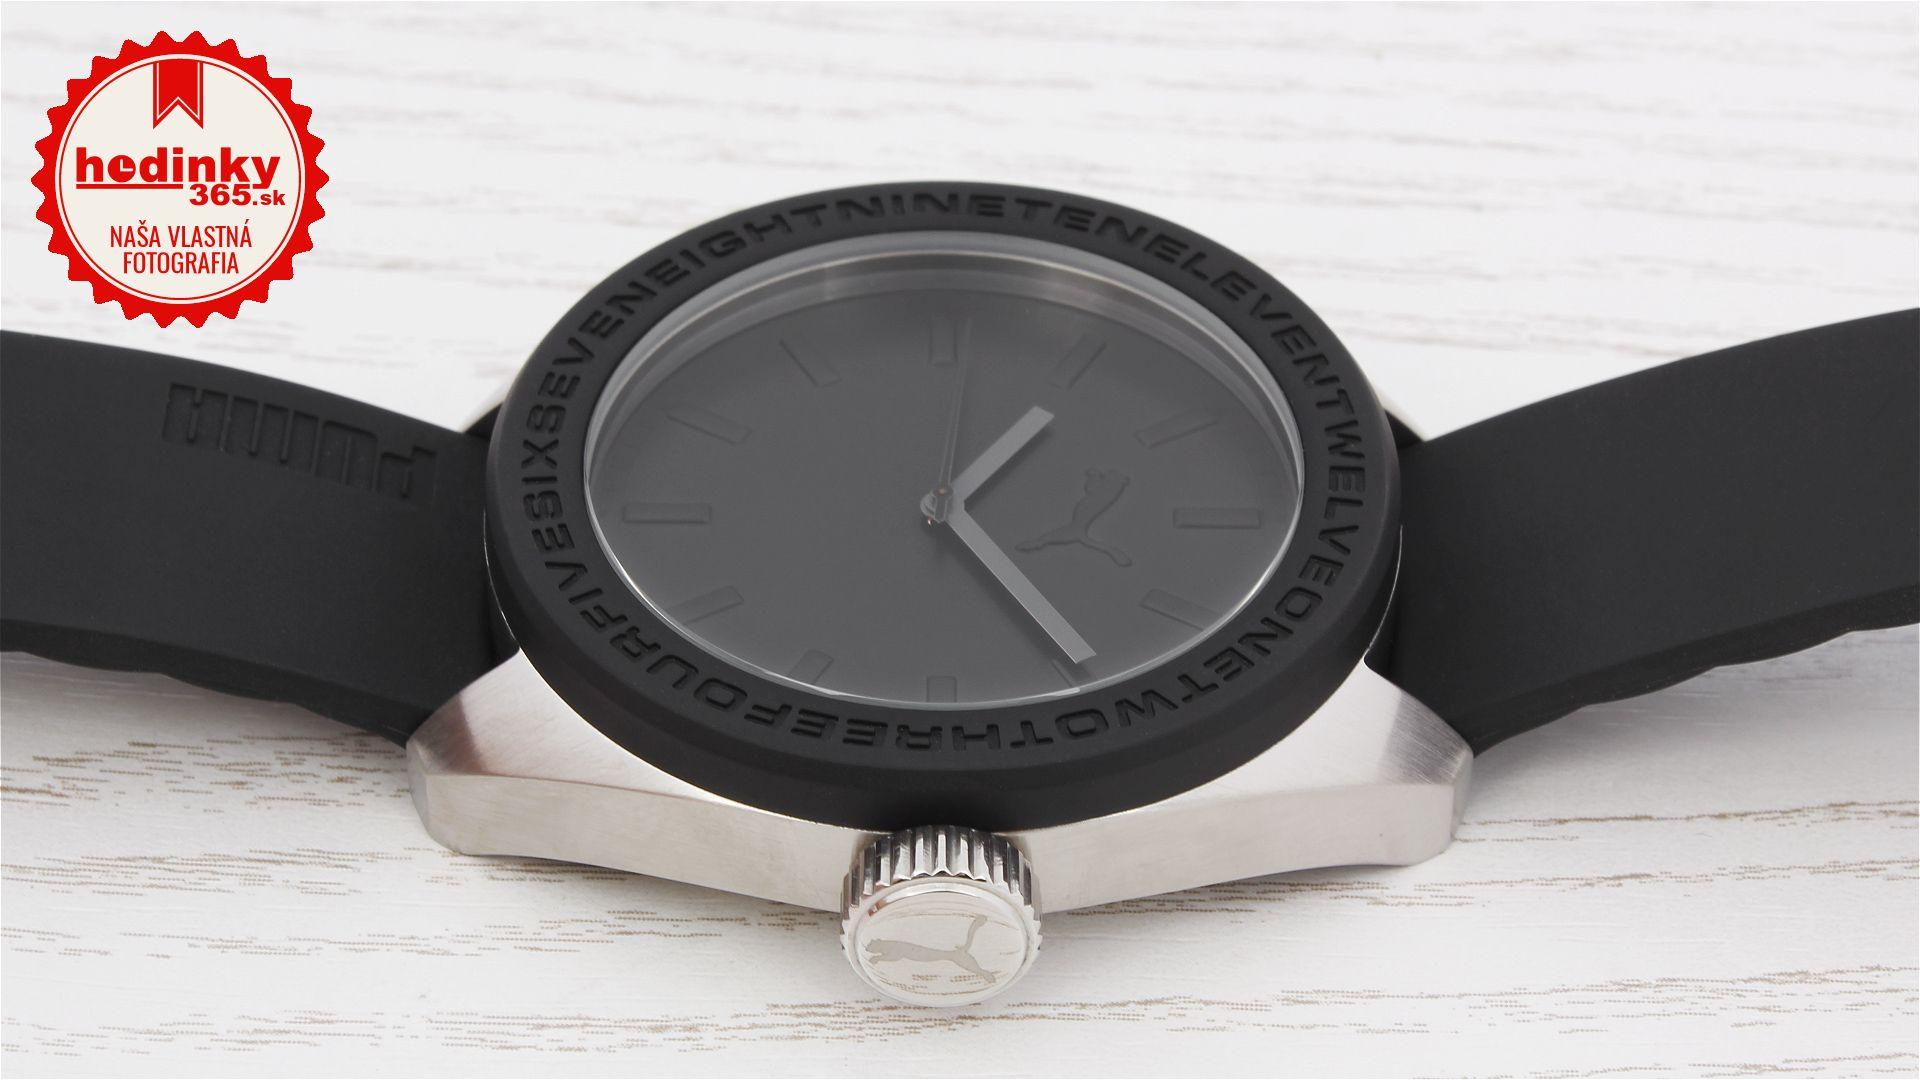 613495802e959 Pánske hodinky - pryžový remienok, ocel puzdro, minerálne sklíčko. Všetky  technické parametre nájdete nižšie